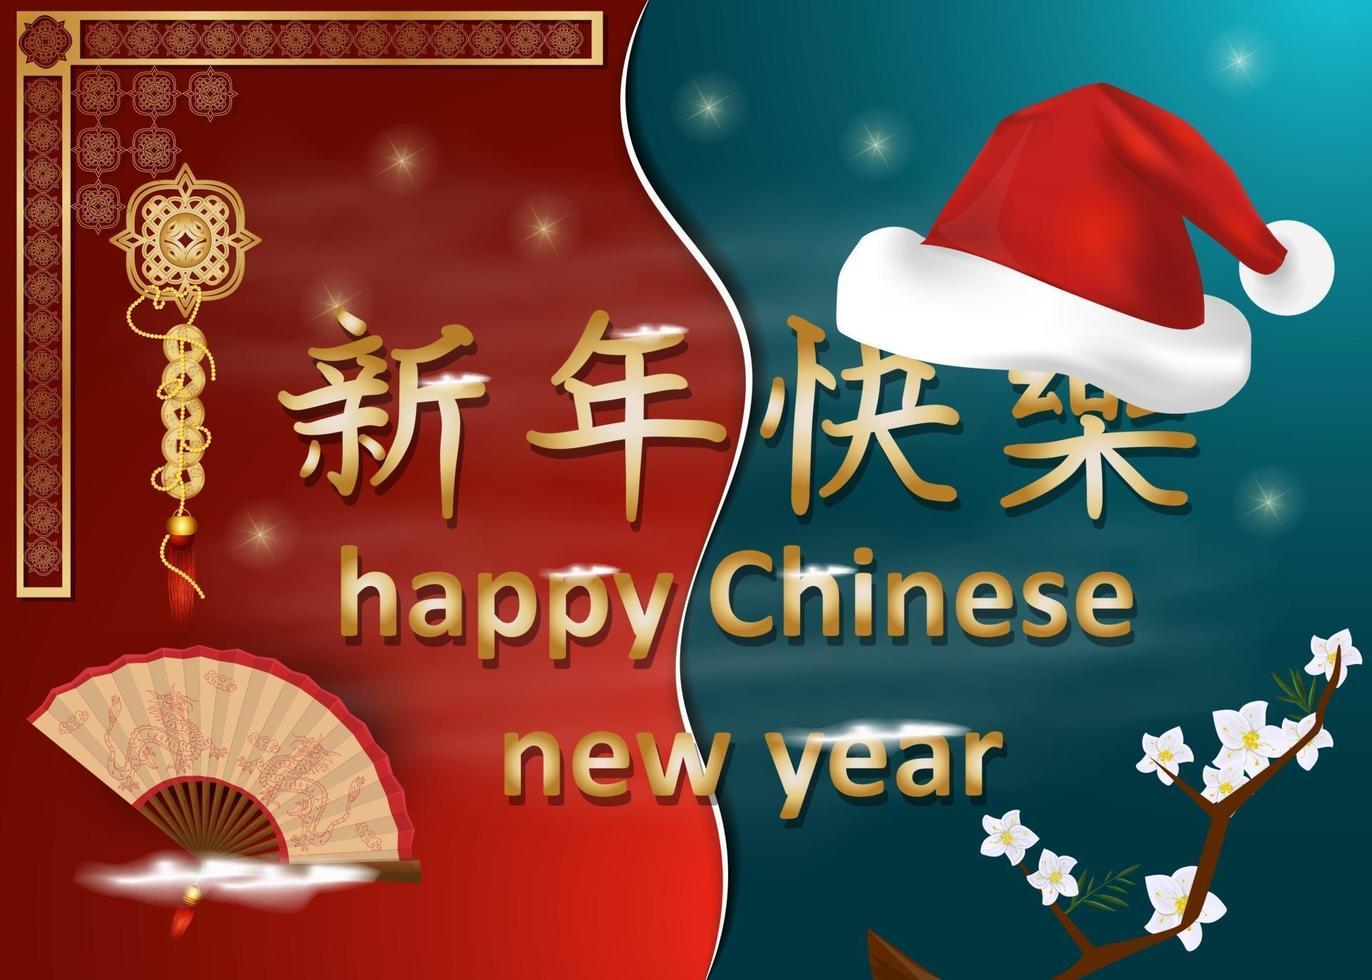 kinesiska och europeiska nyår gratulationskort design vektor